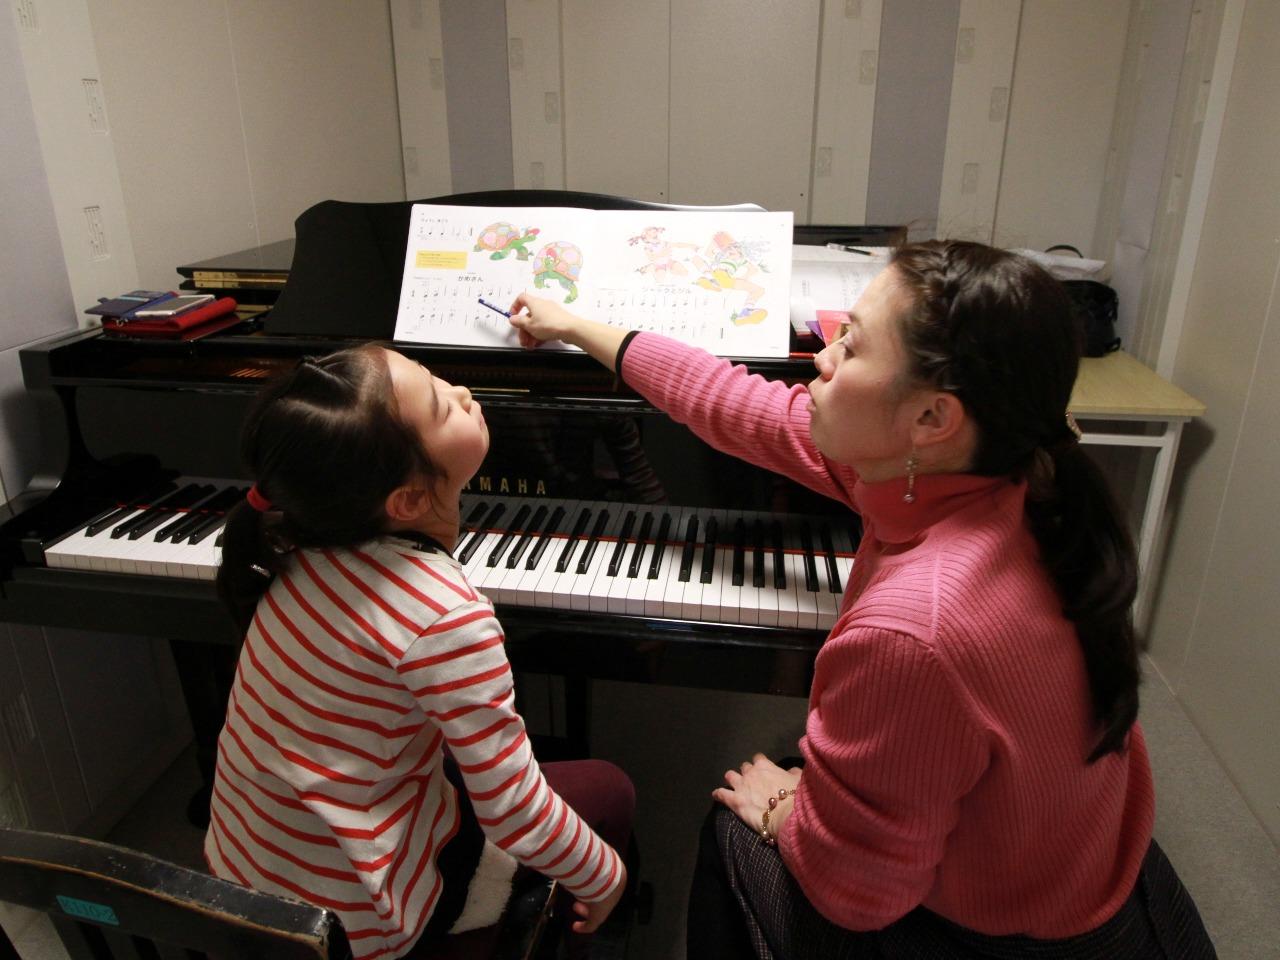 キッズレッスン<ピアノ>12回目のレッスン